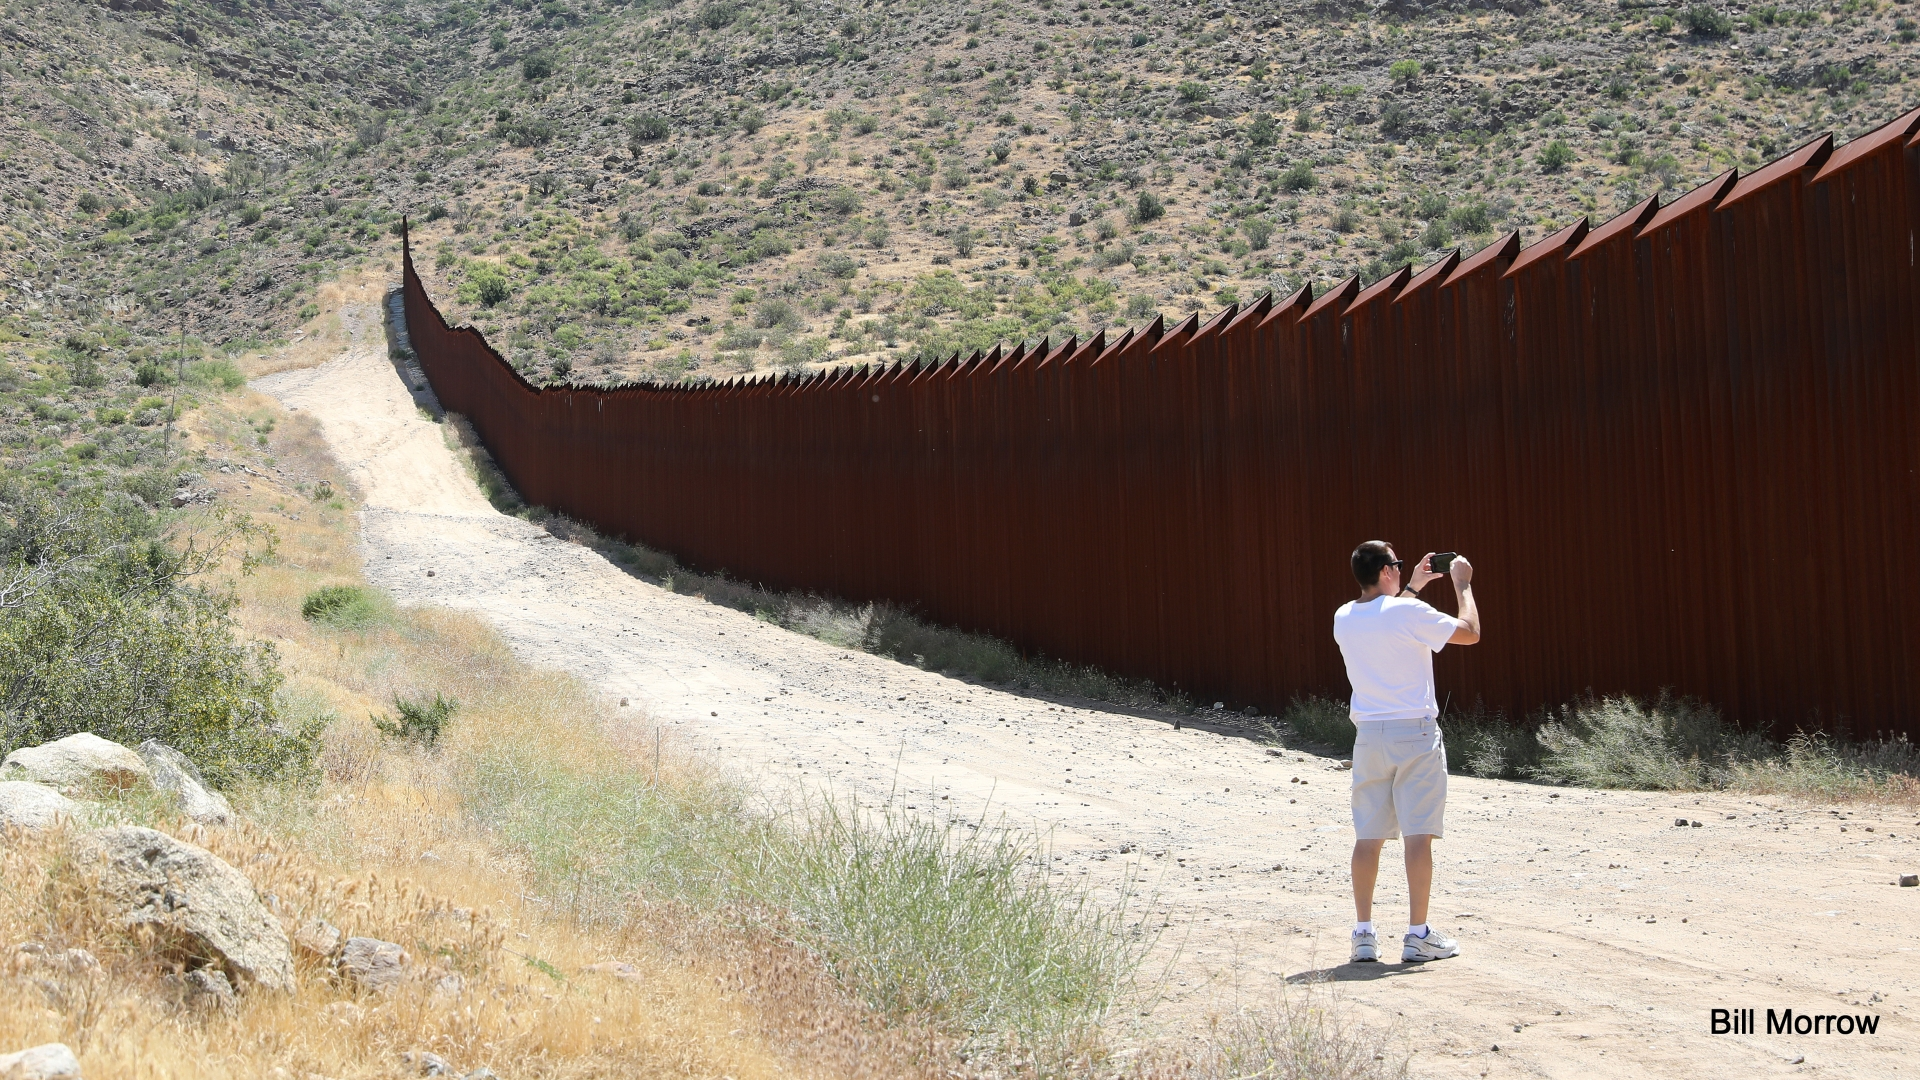 Американо-мексиканская пограничная стена